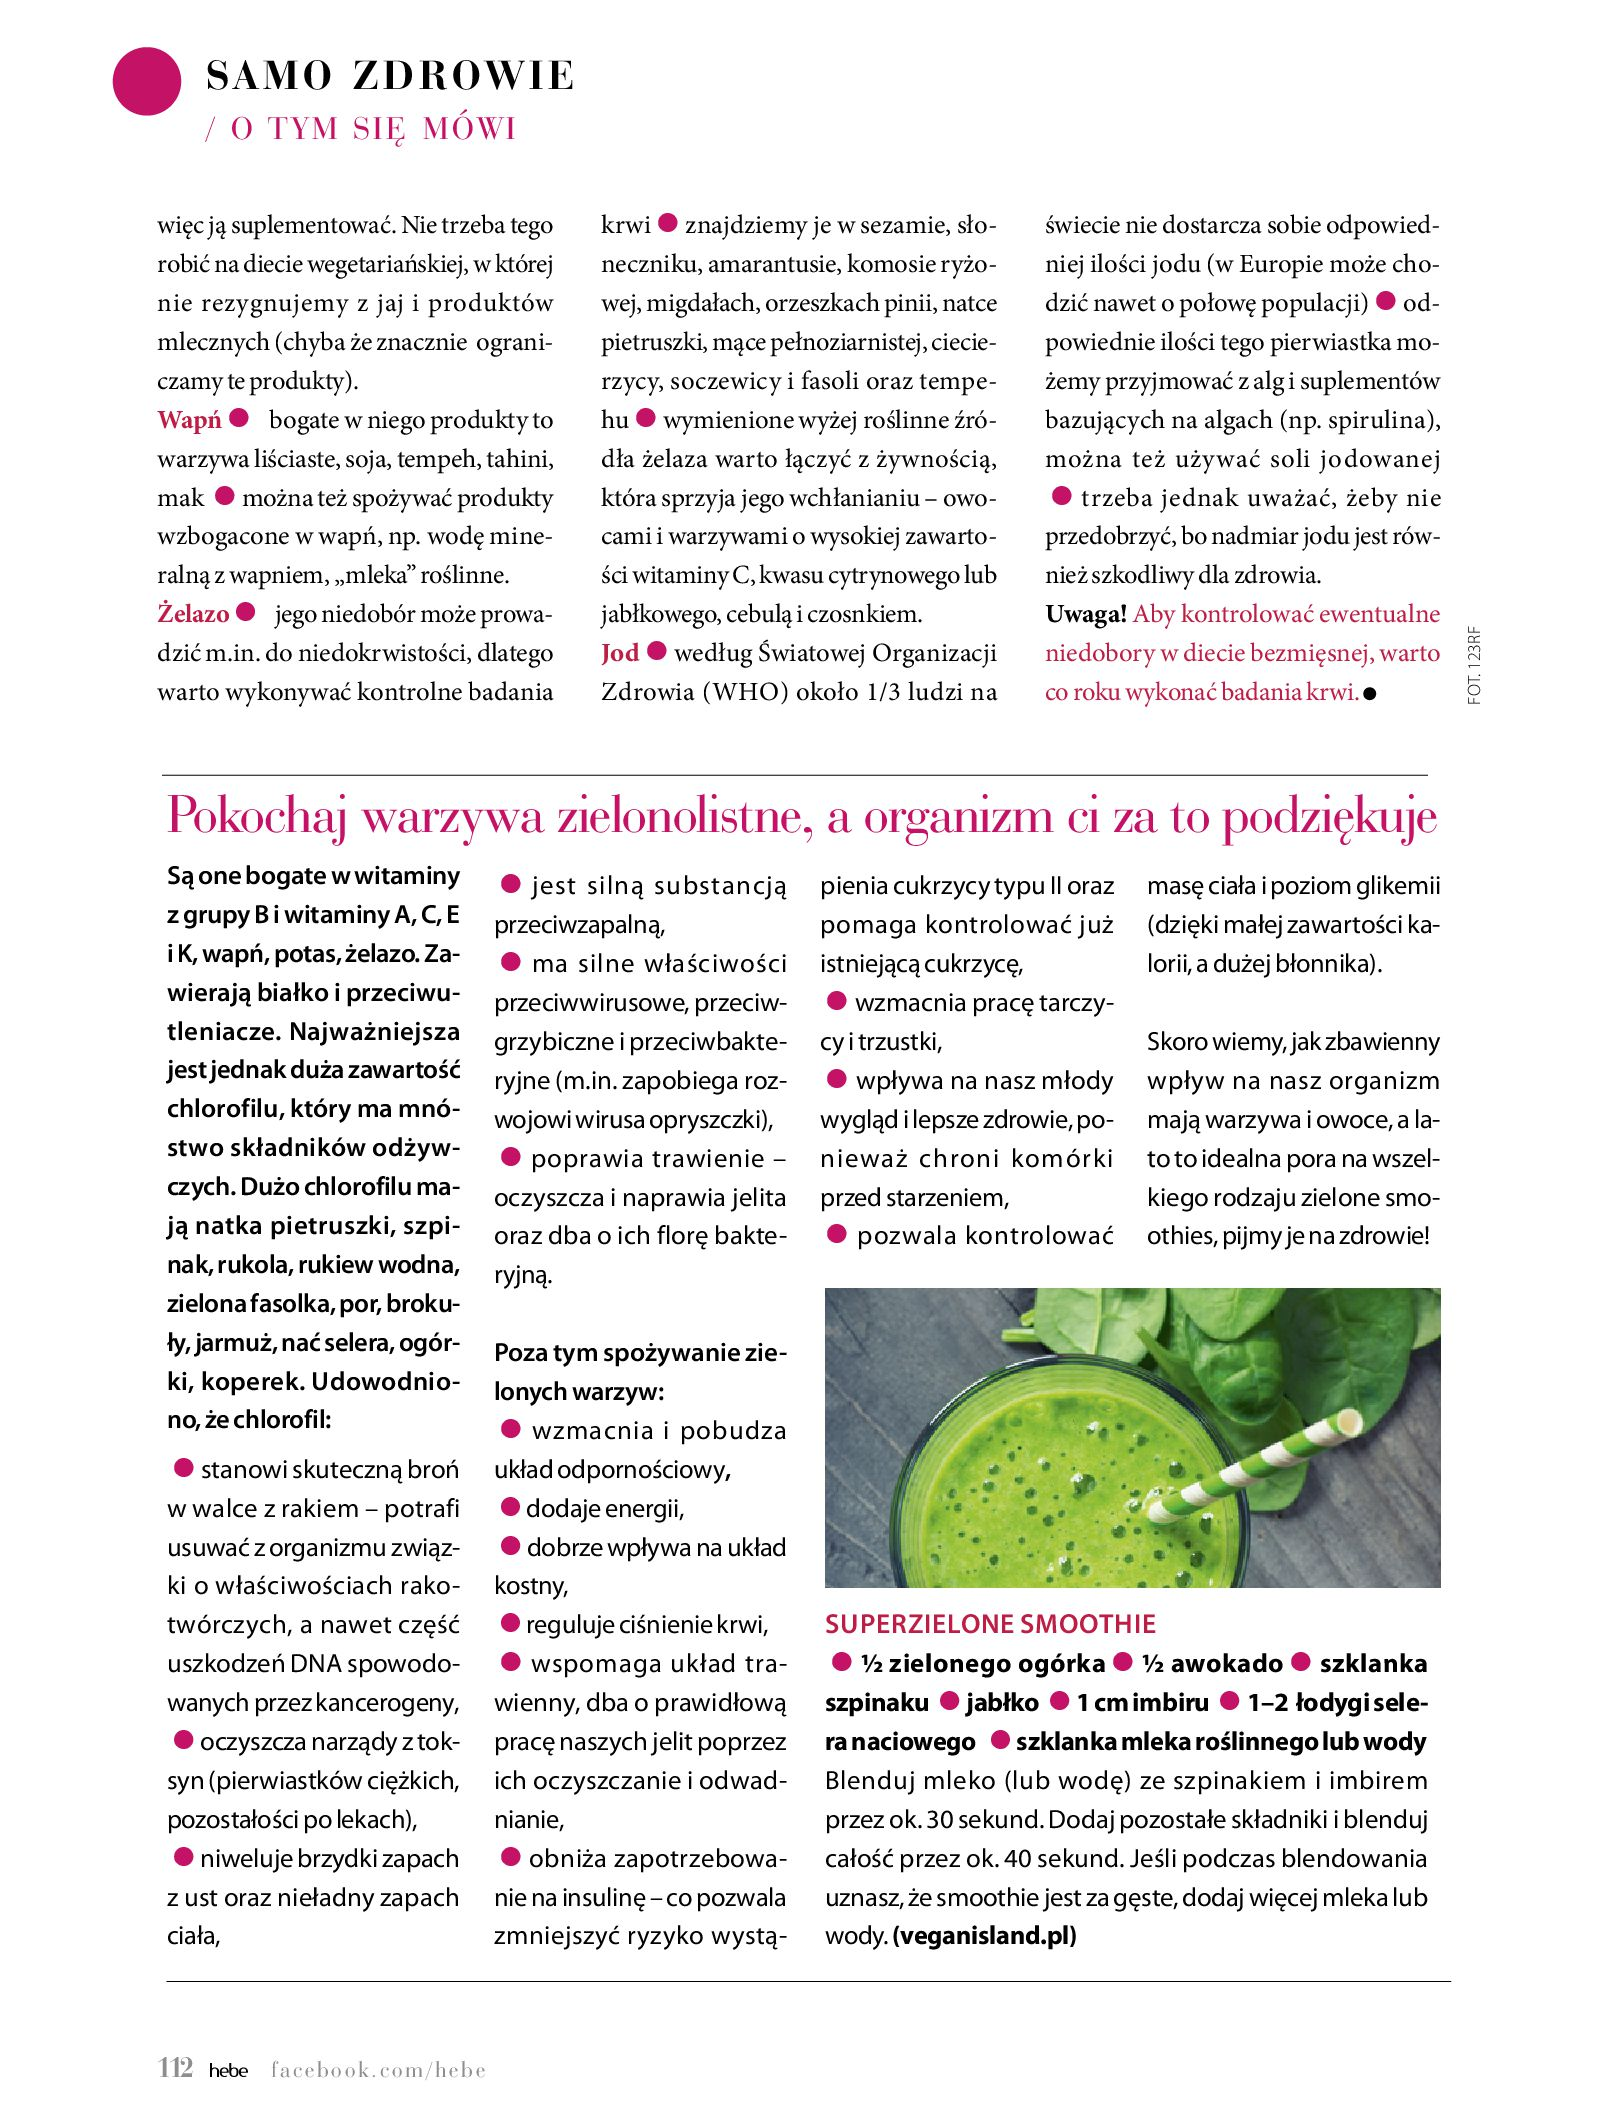 Gazetka hebe - Magazyn Hebe-30.06.2020-31.08.2020-page-112